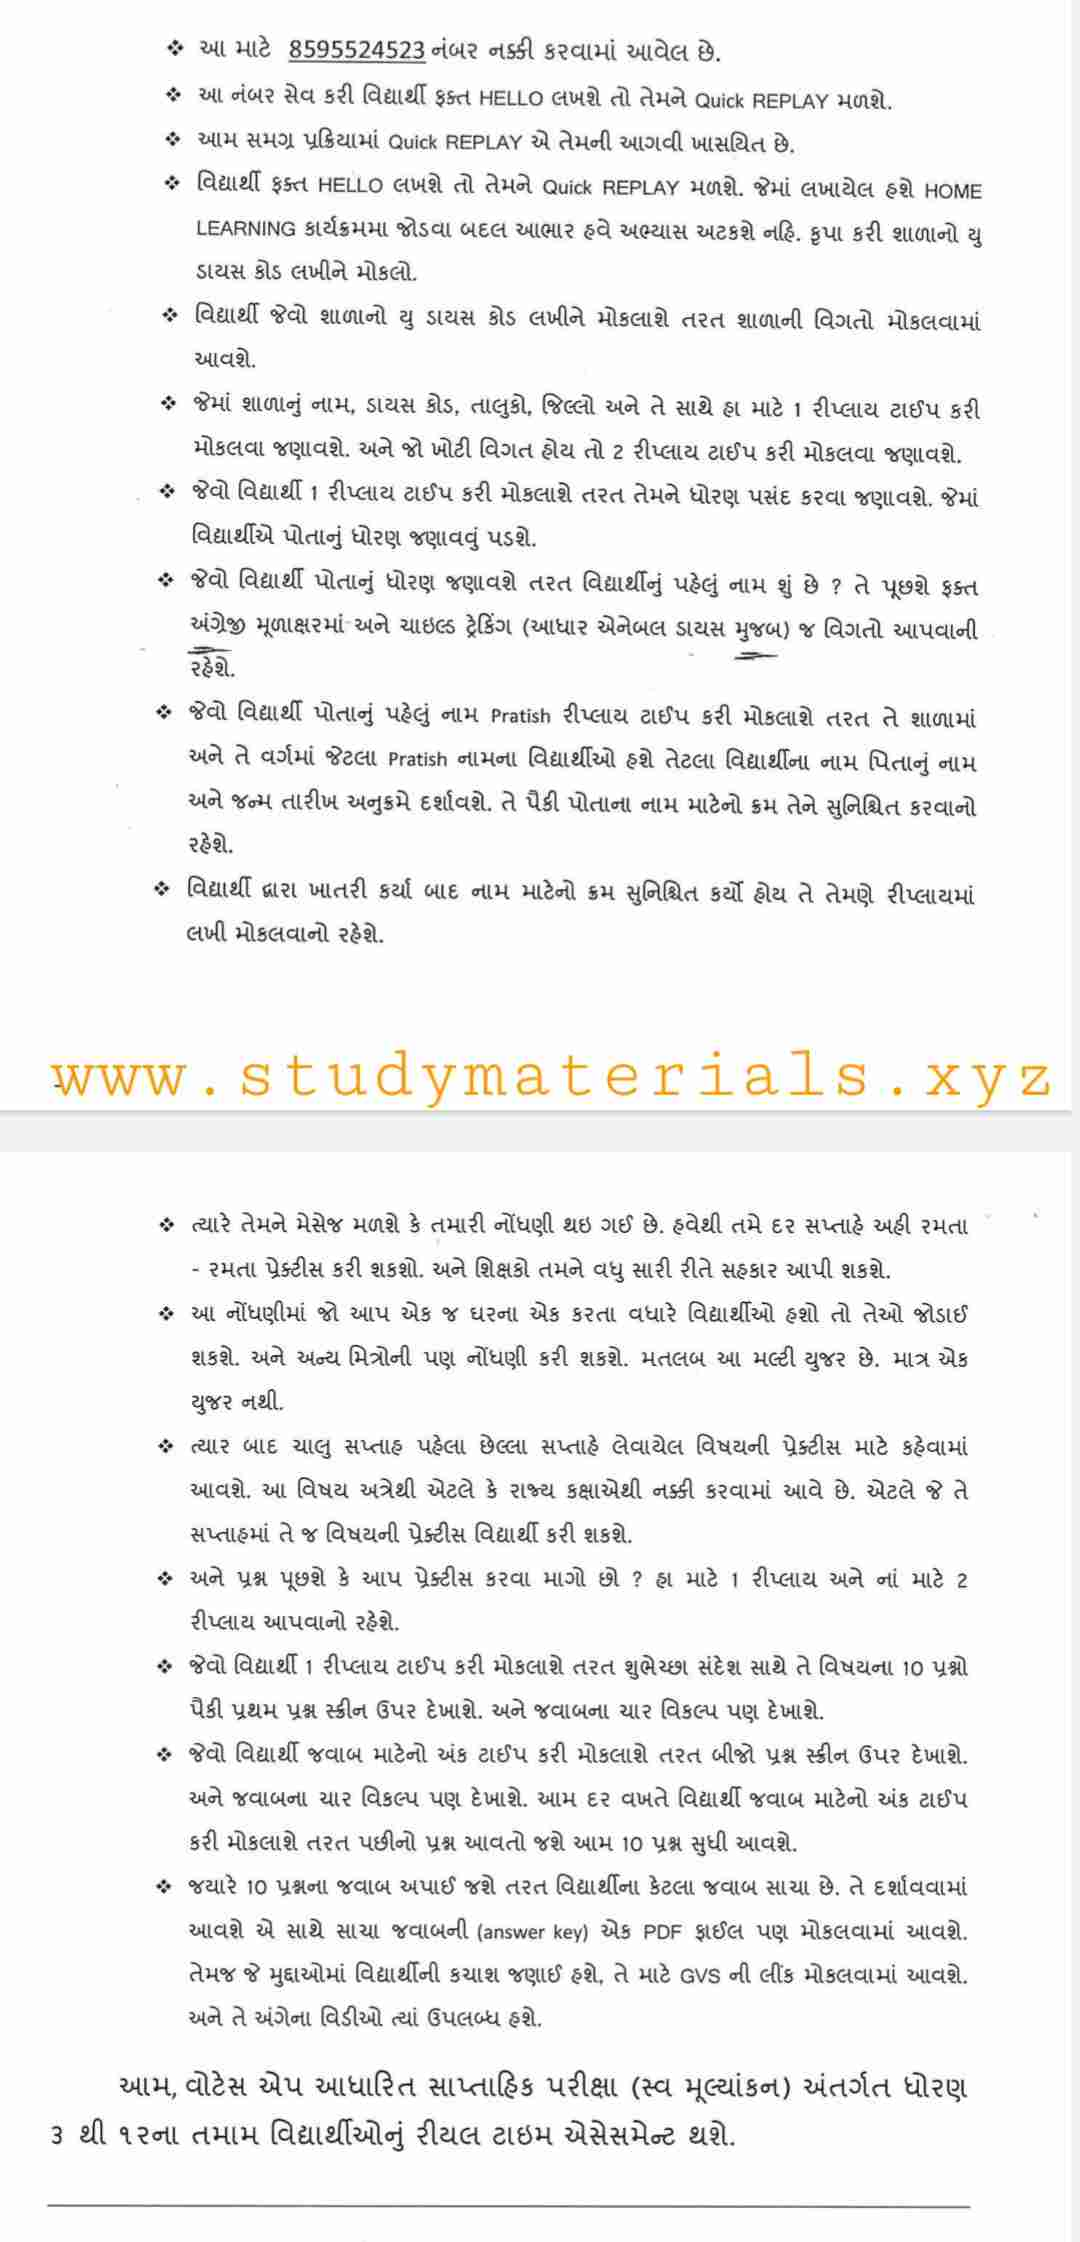 Whatsapp exam instruction